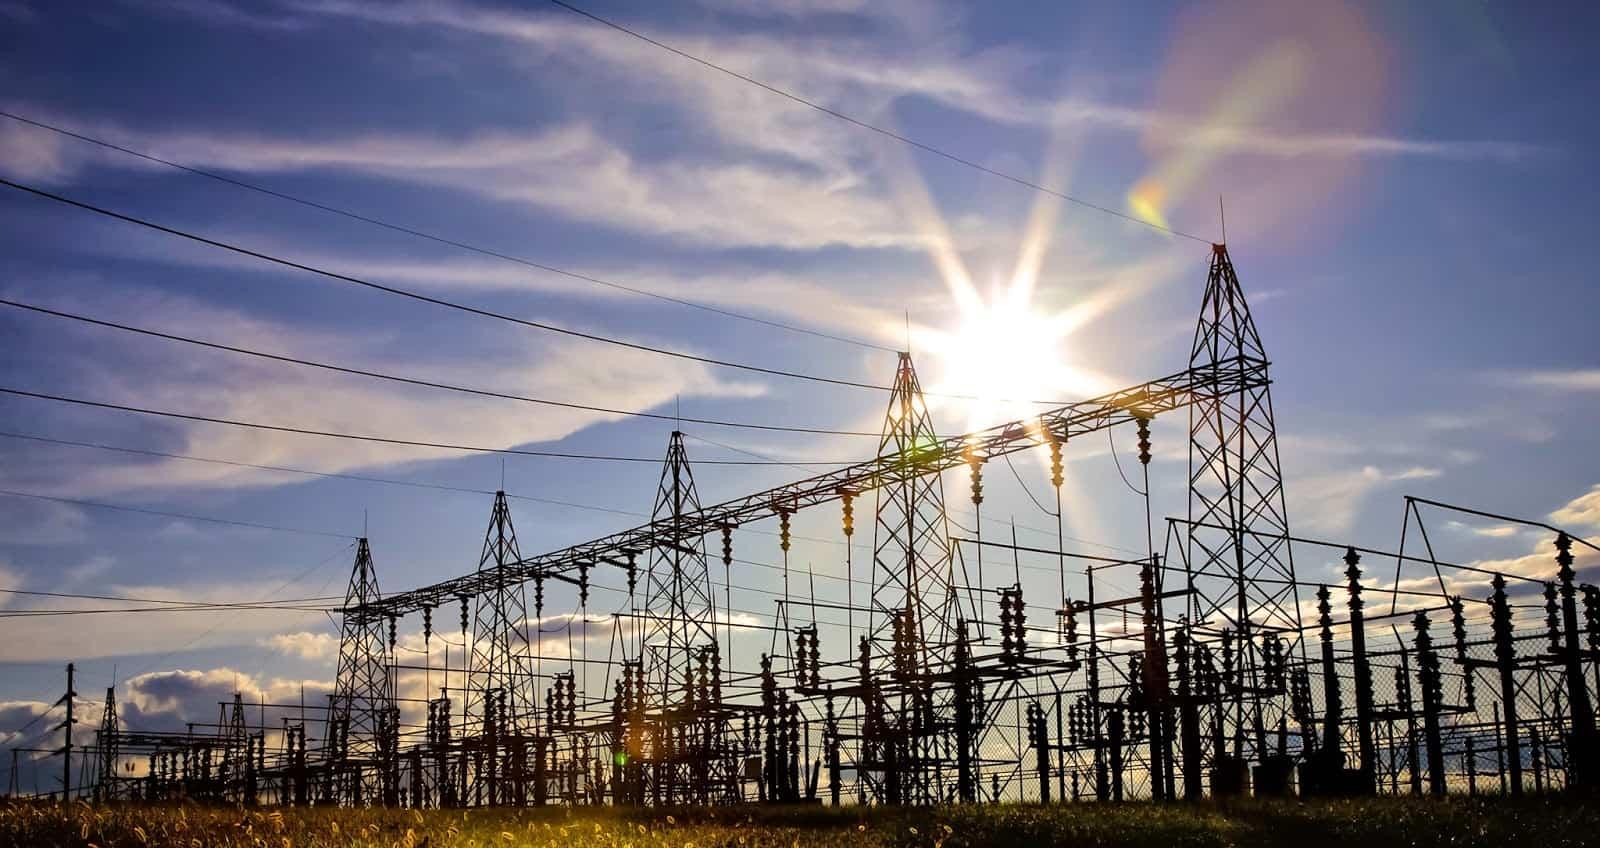 rede de transmissão com transformadores elétricos